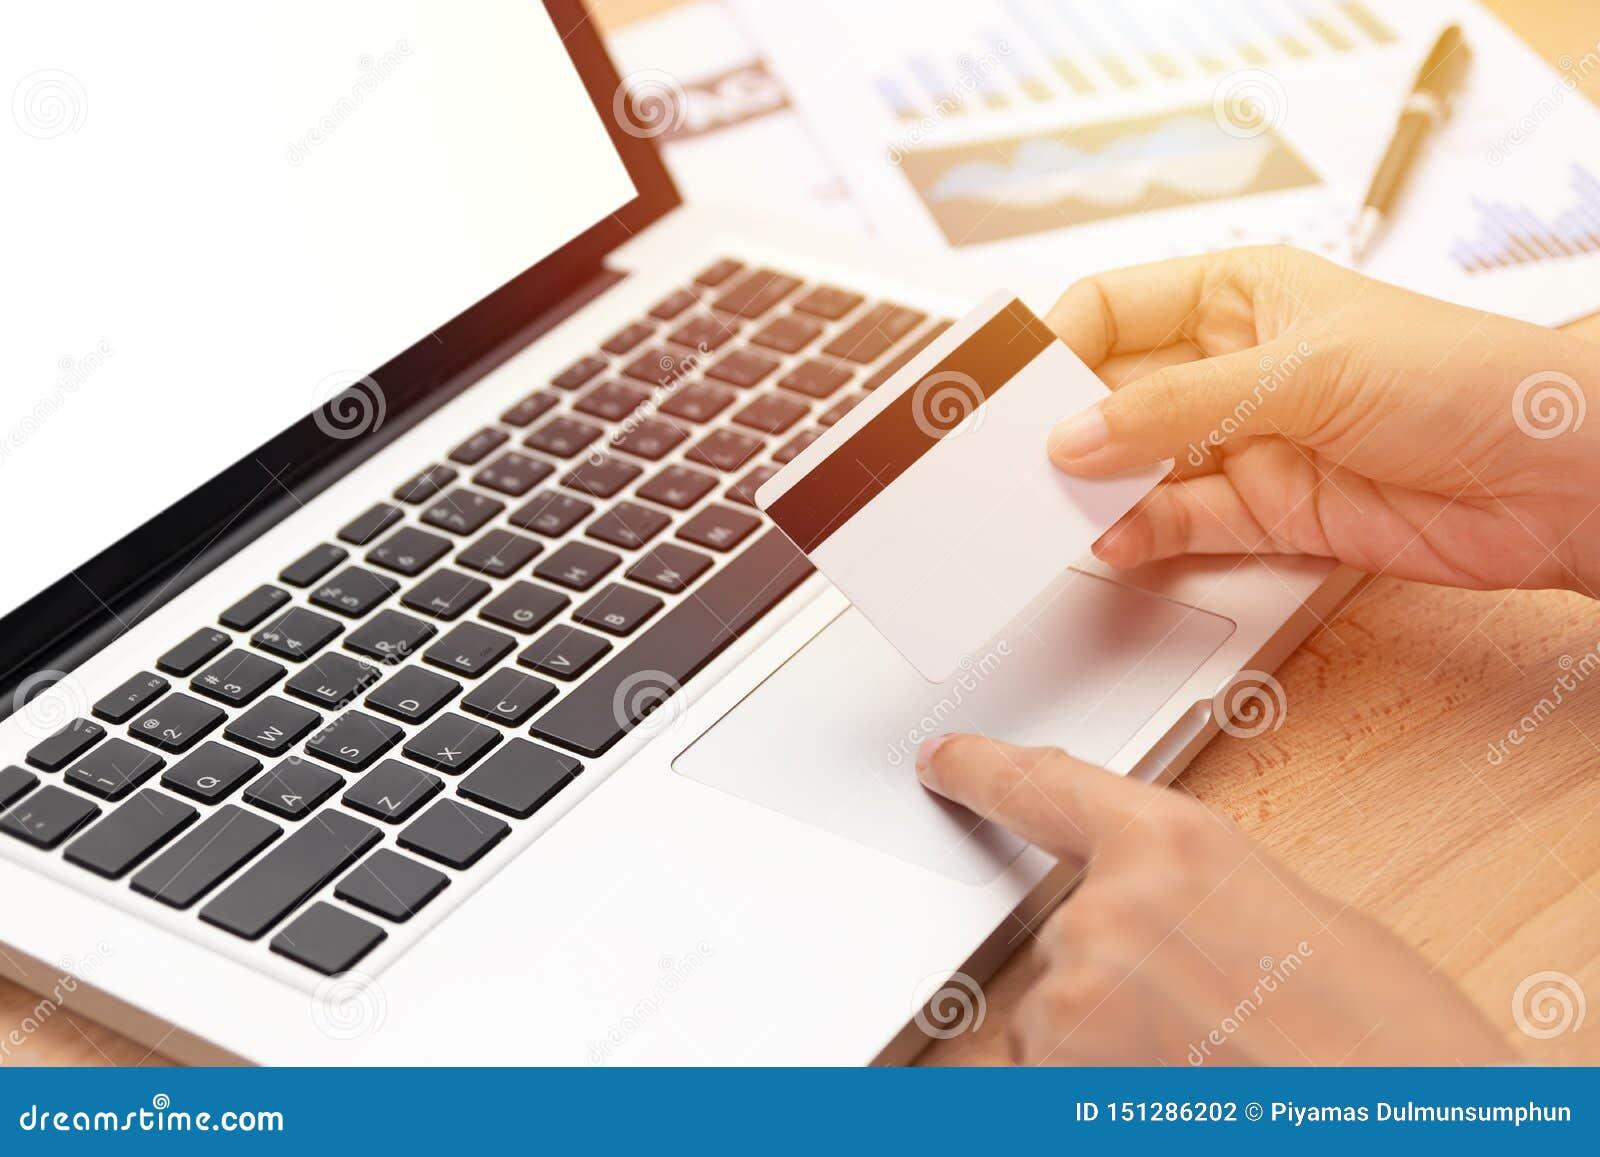 Commerce électronique et concept en ligne de achat femme jugeant une carte de crédit et un achat effectuant le paiement en ligne